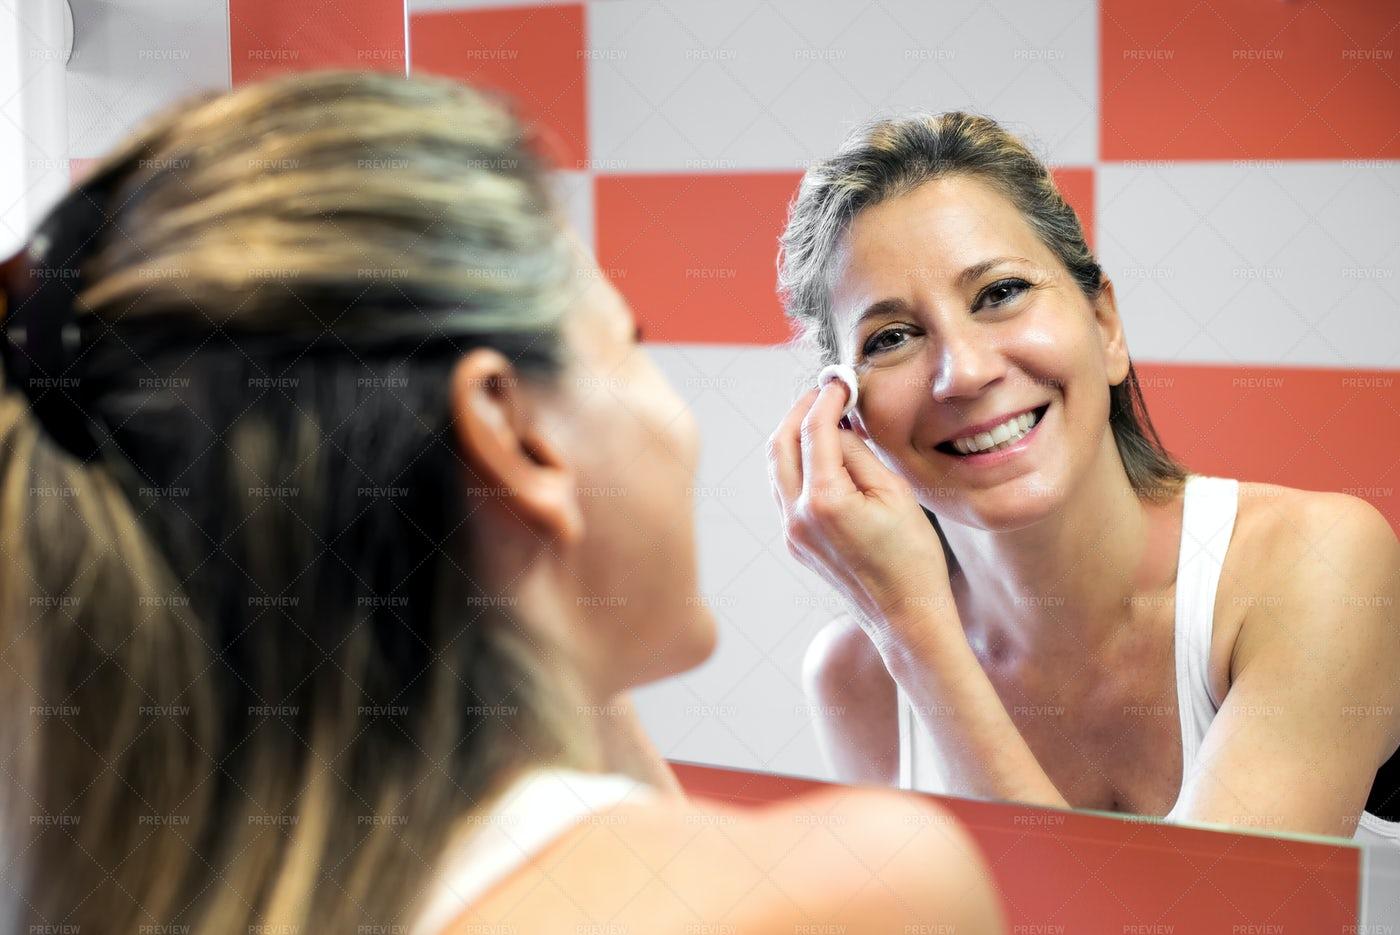 Woman Removing Her Makeup: Stock Photos